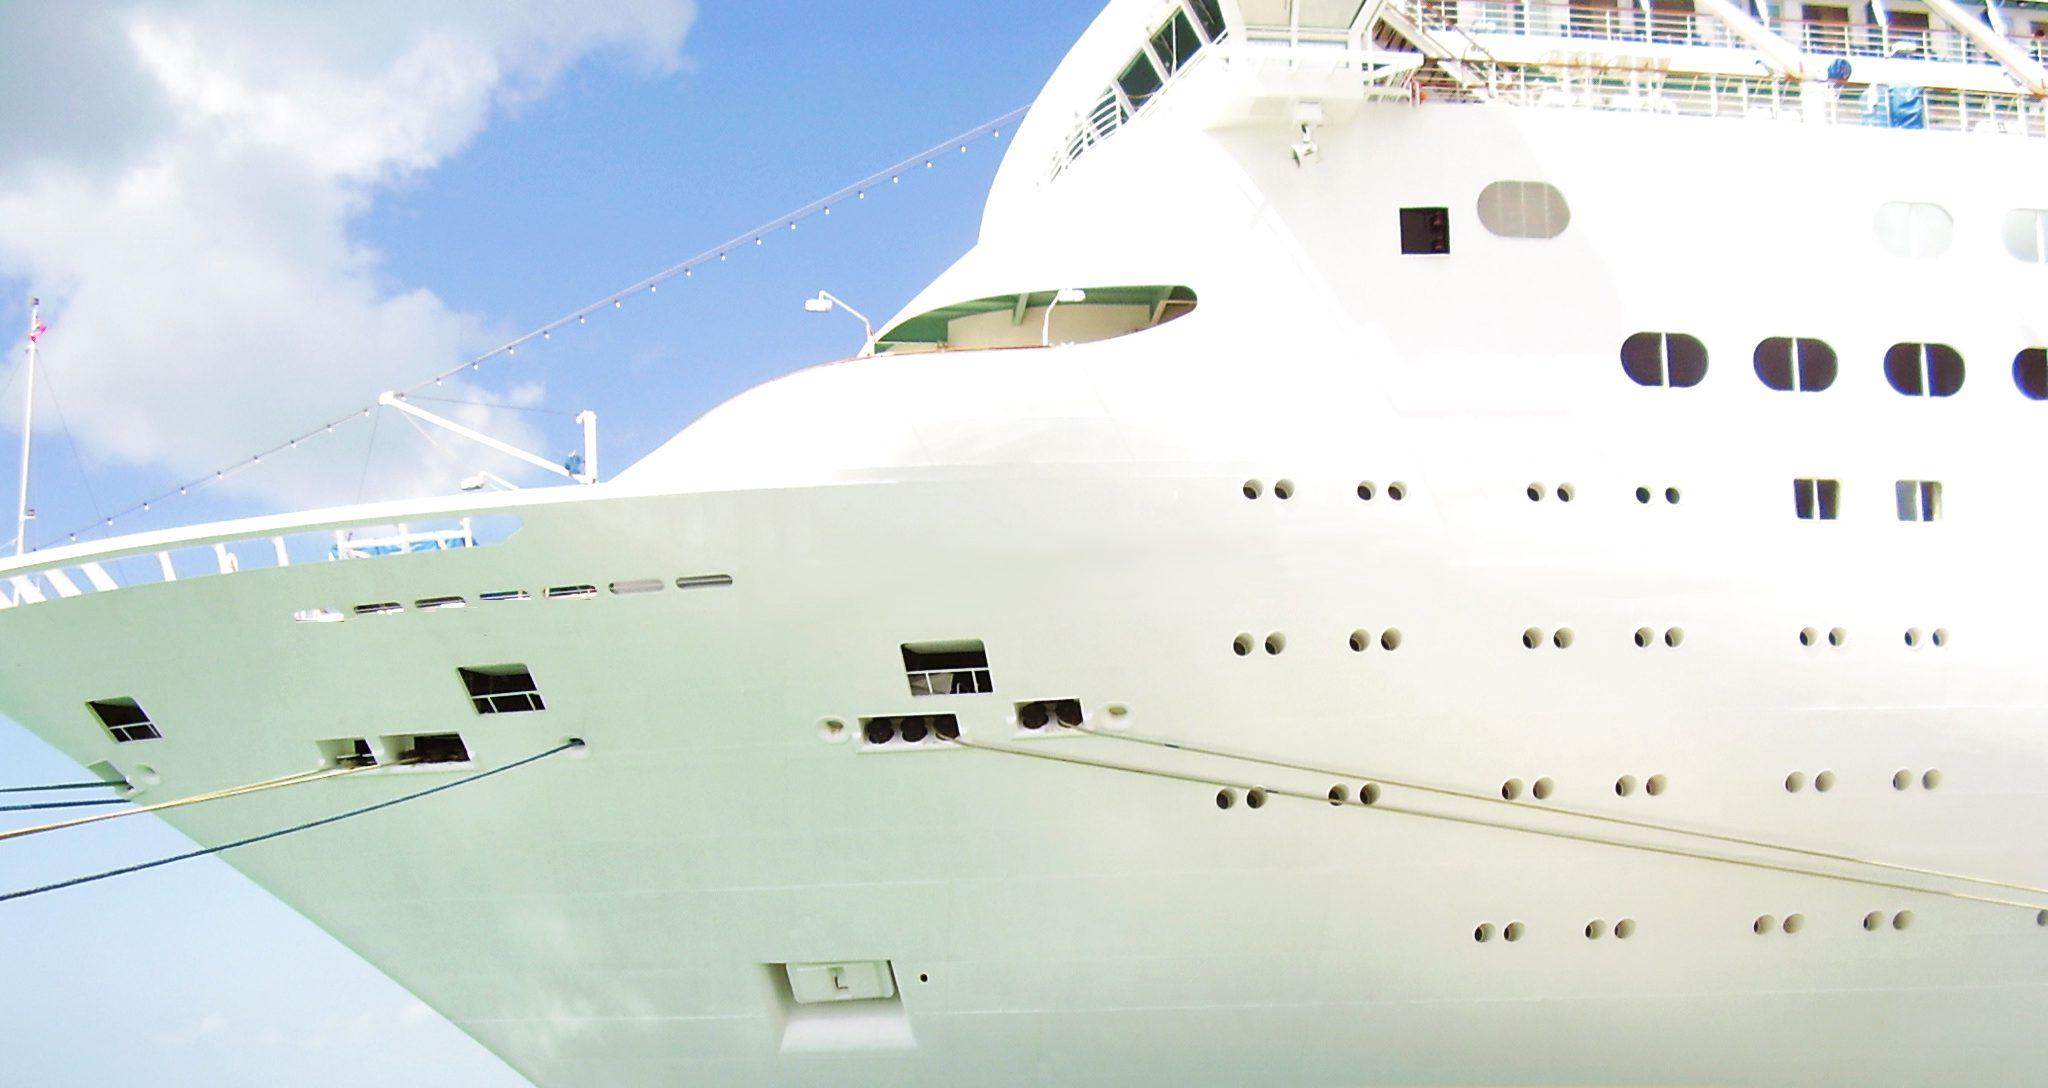 trabajar en cruceros consejos,reclutamiento de tripulación para cruceros,trabajar en cruceros experiencias,trabajar en cruceros sin experiencia,cursos para trabajar en cruceros,trabajar en cruceros requisitos,requisitos para trabajar en un crucero,requisitos para trabajar en un crucero de lujo,trabajar en cruceros 2016,como aplicar para trabajar en cruceros,bolsa de trabajo cruceros,como embarcarse en un crucero para trabajar,trabajar en crucero sin saber ingles